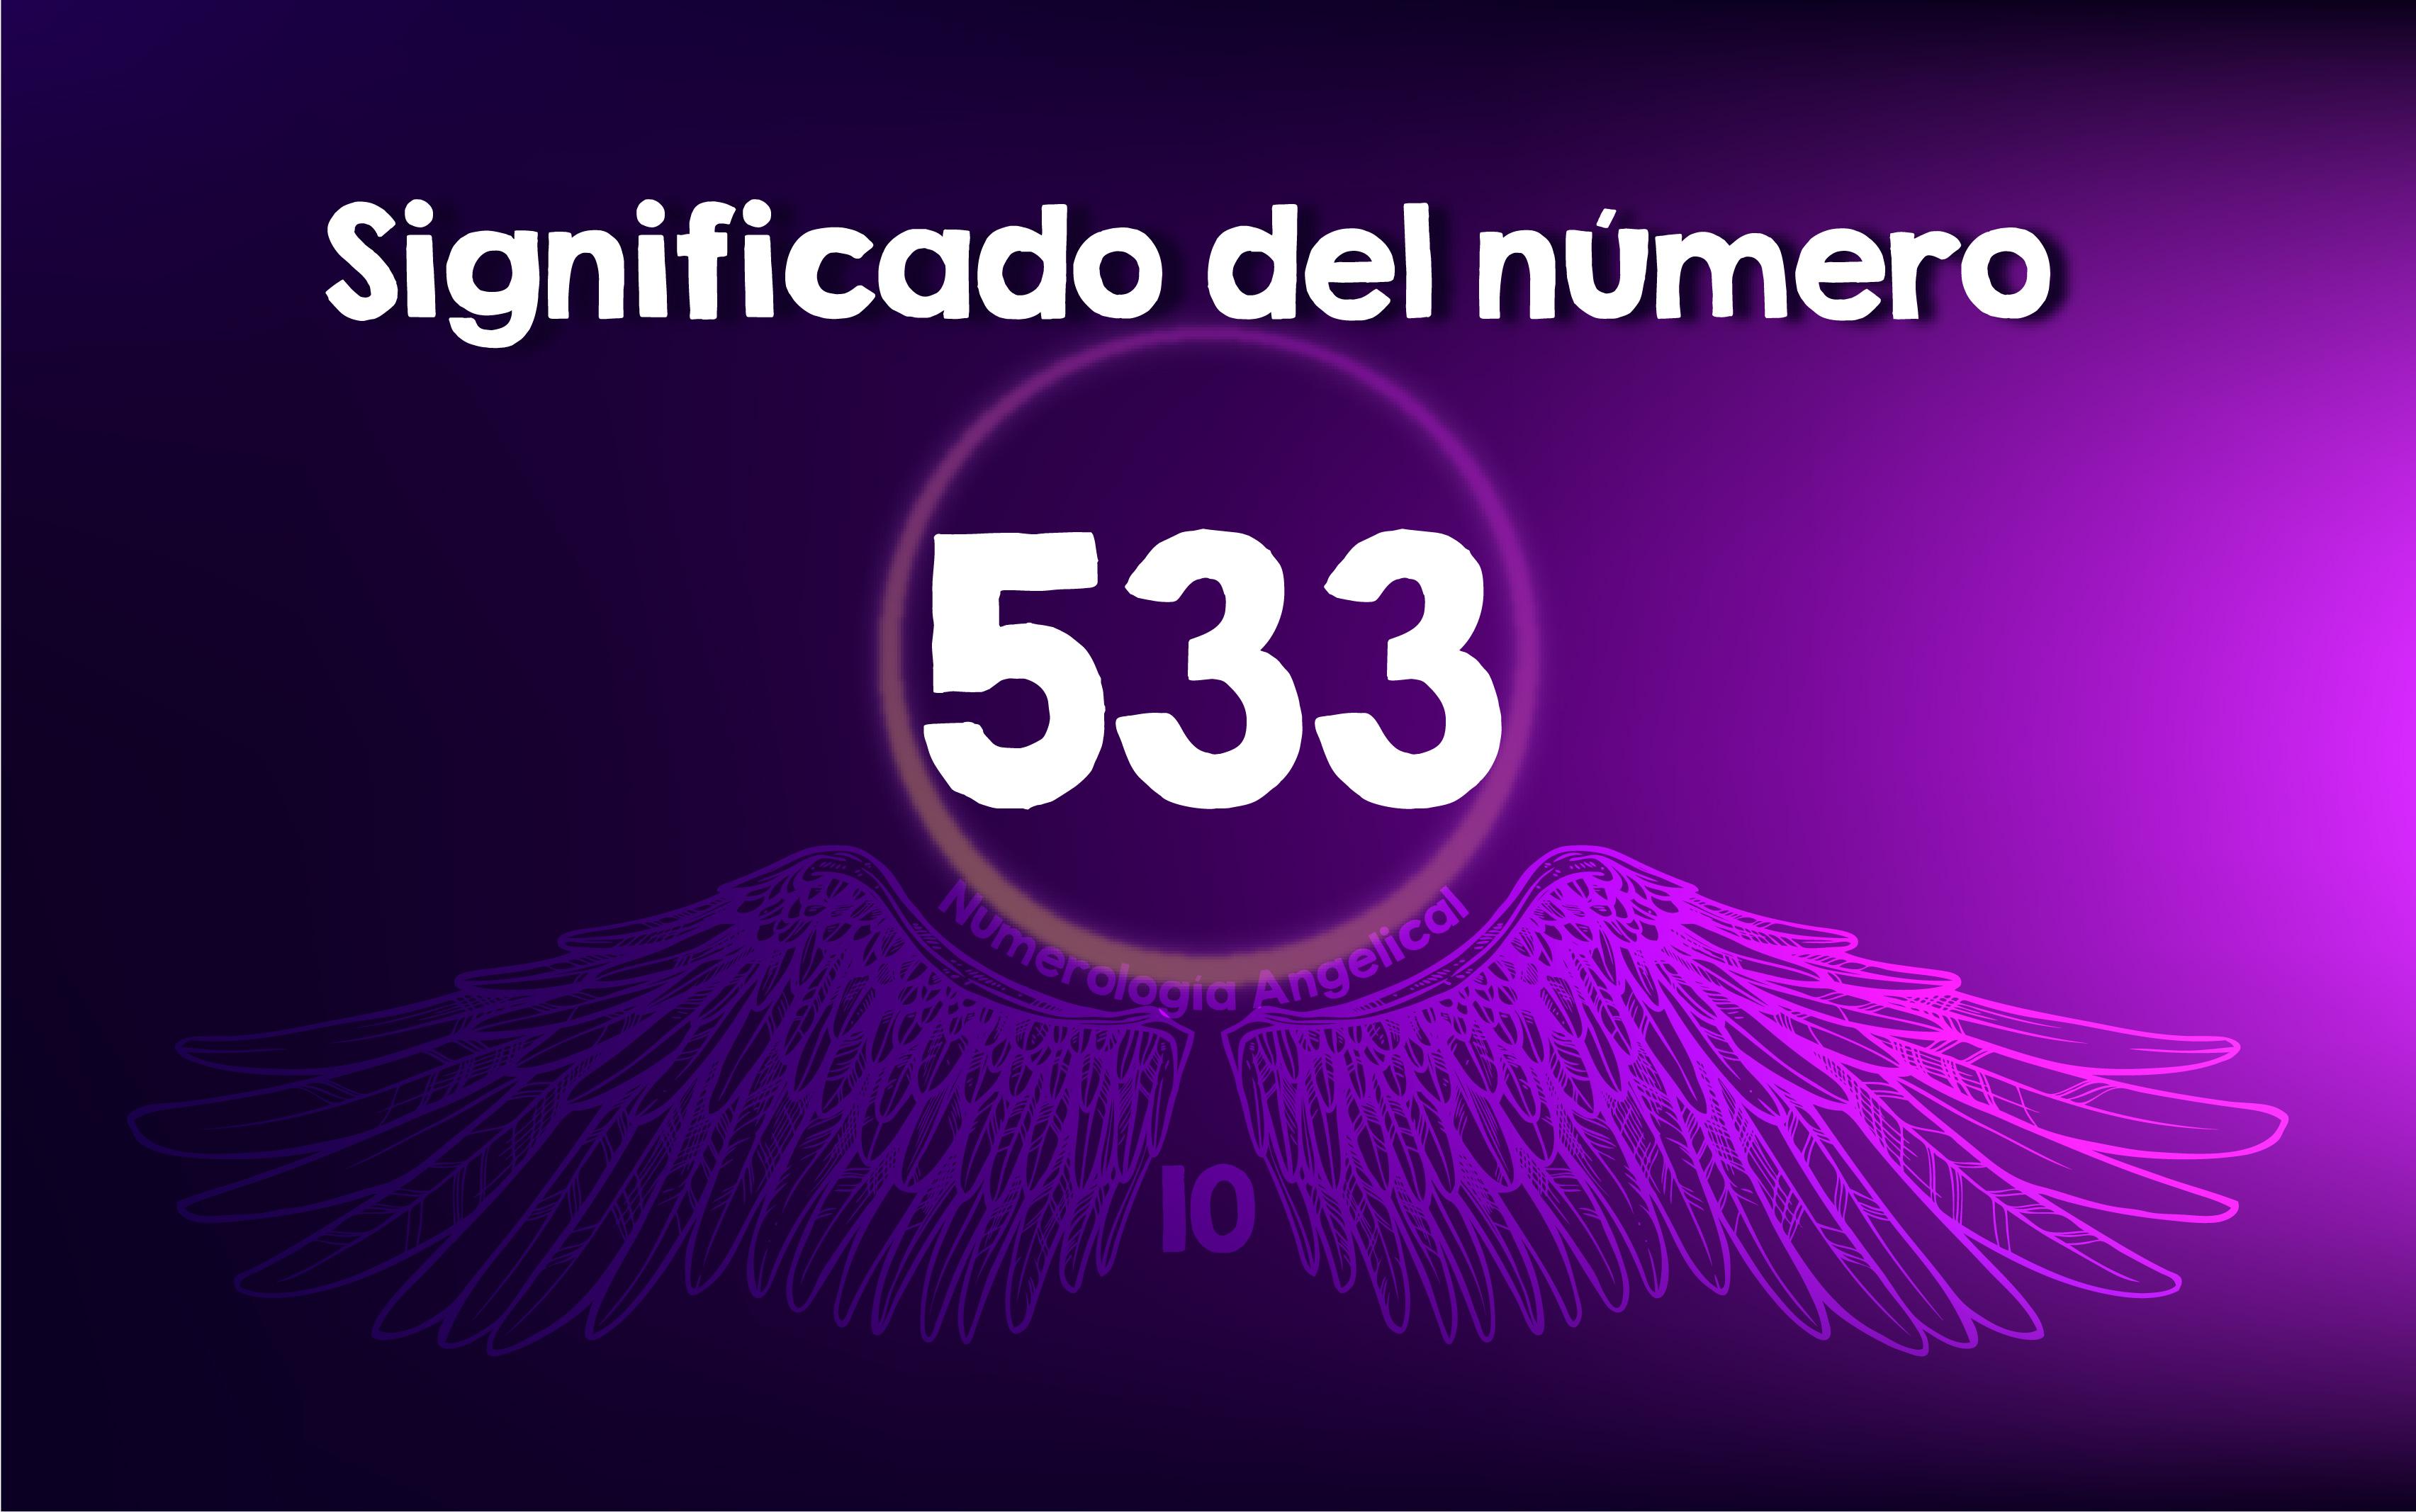 Significado del número 533